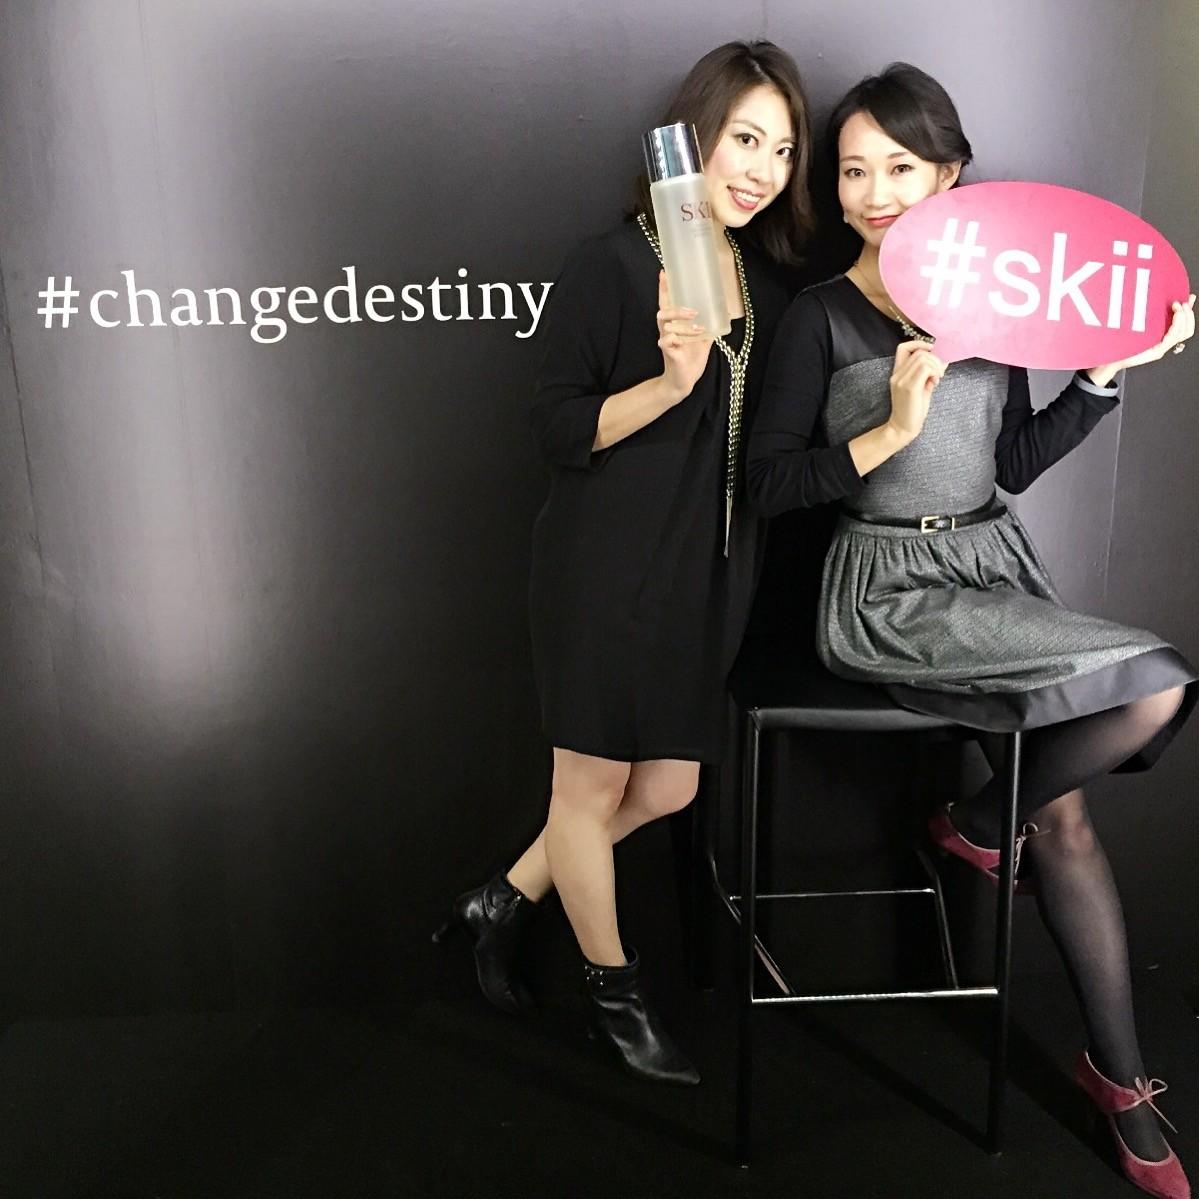 綾瀬はるか&ケイト・ブランシェット登場! 「運命を、変えよう」SK-II CHANGE DSTINY FORUMレポート